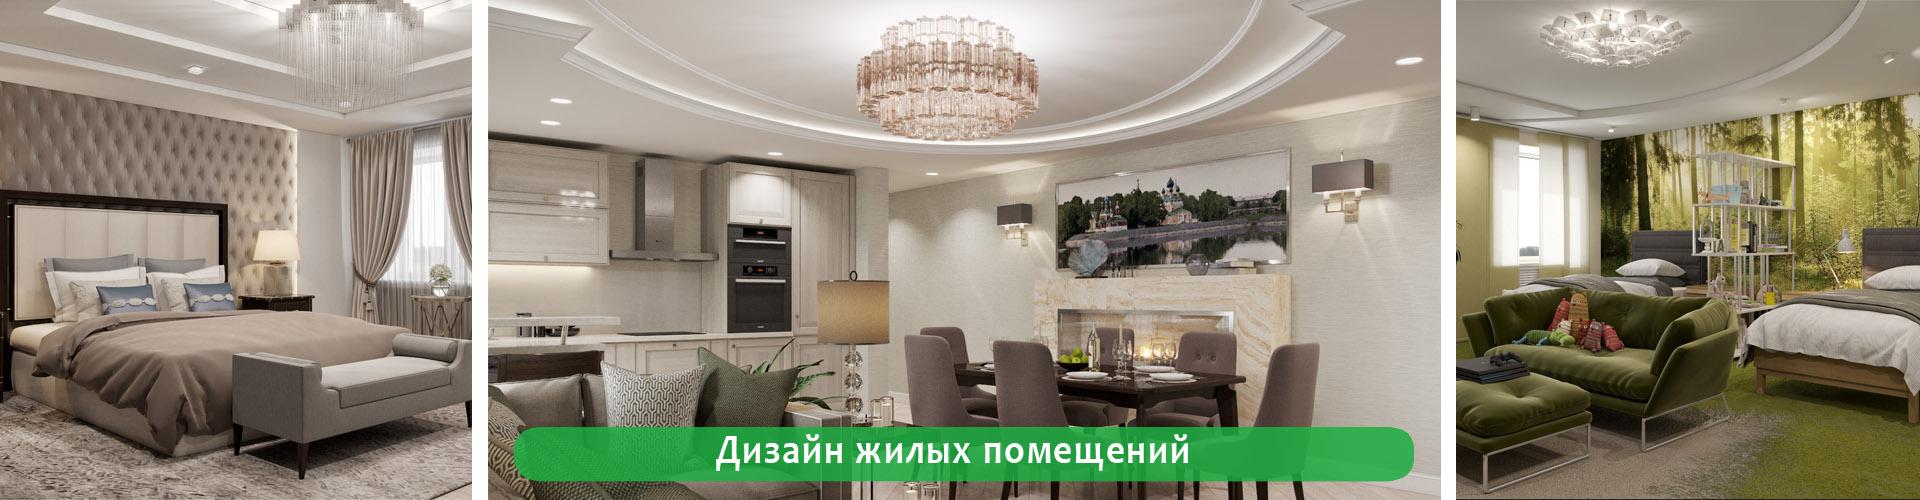 Slider_Design_Apartment